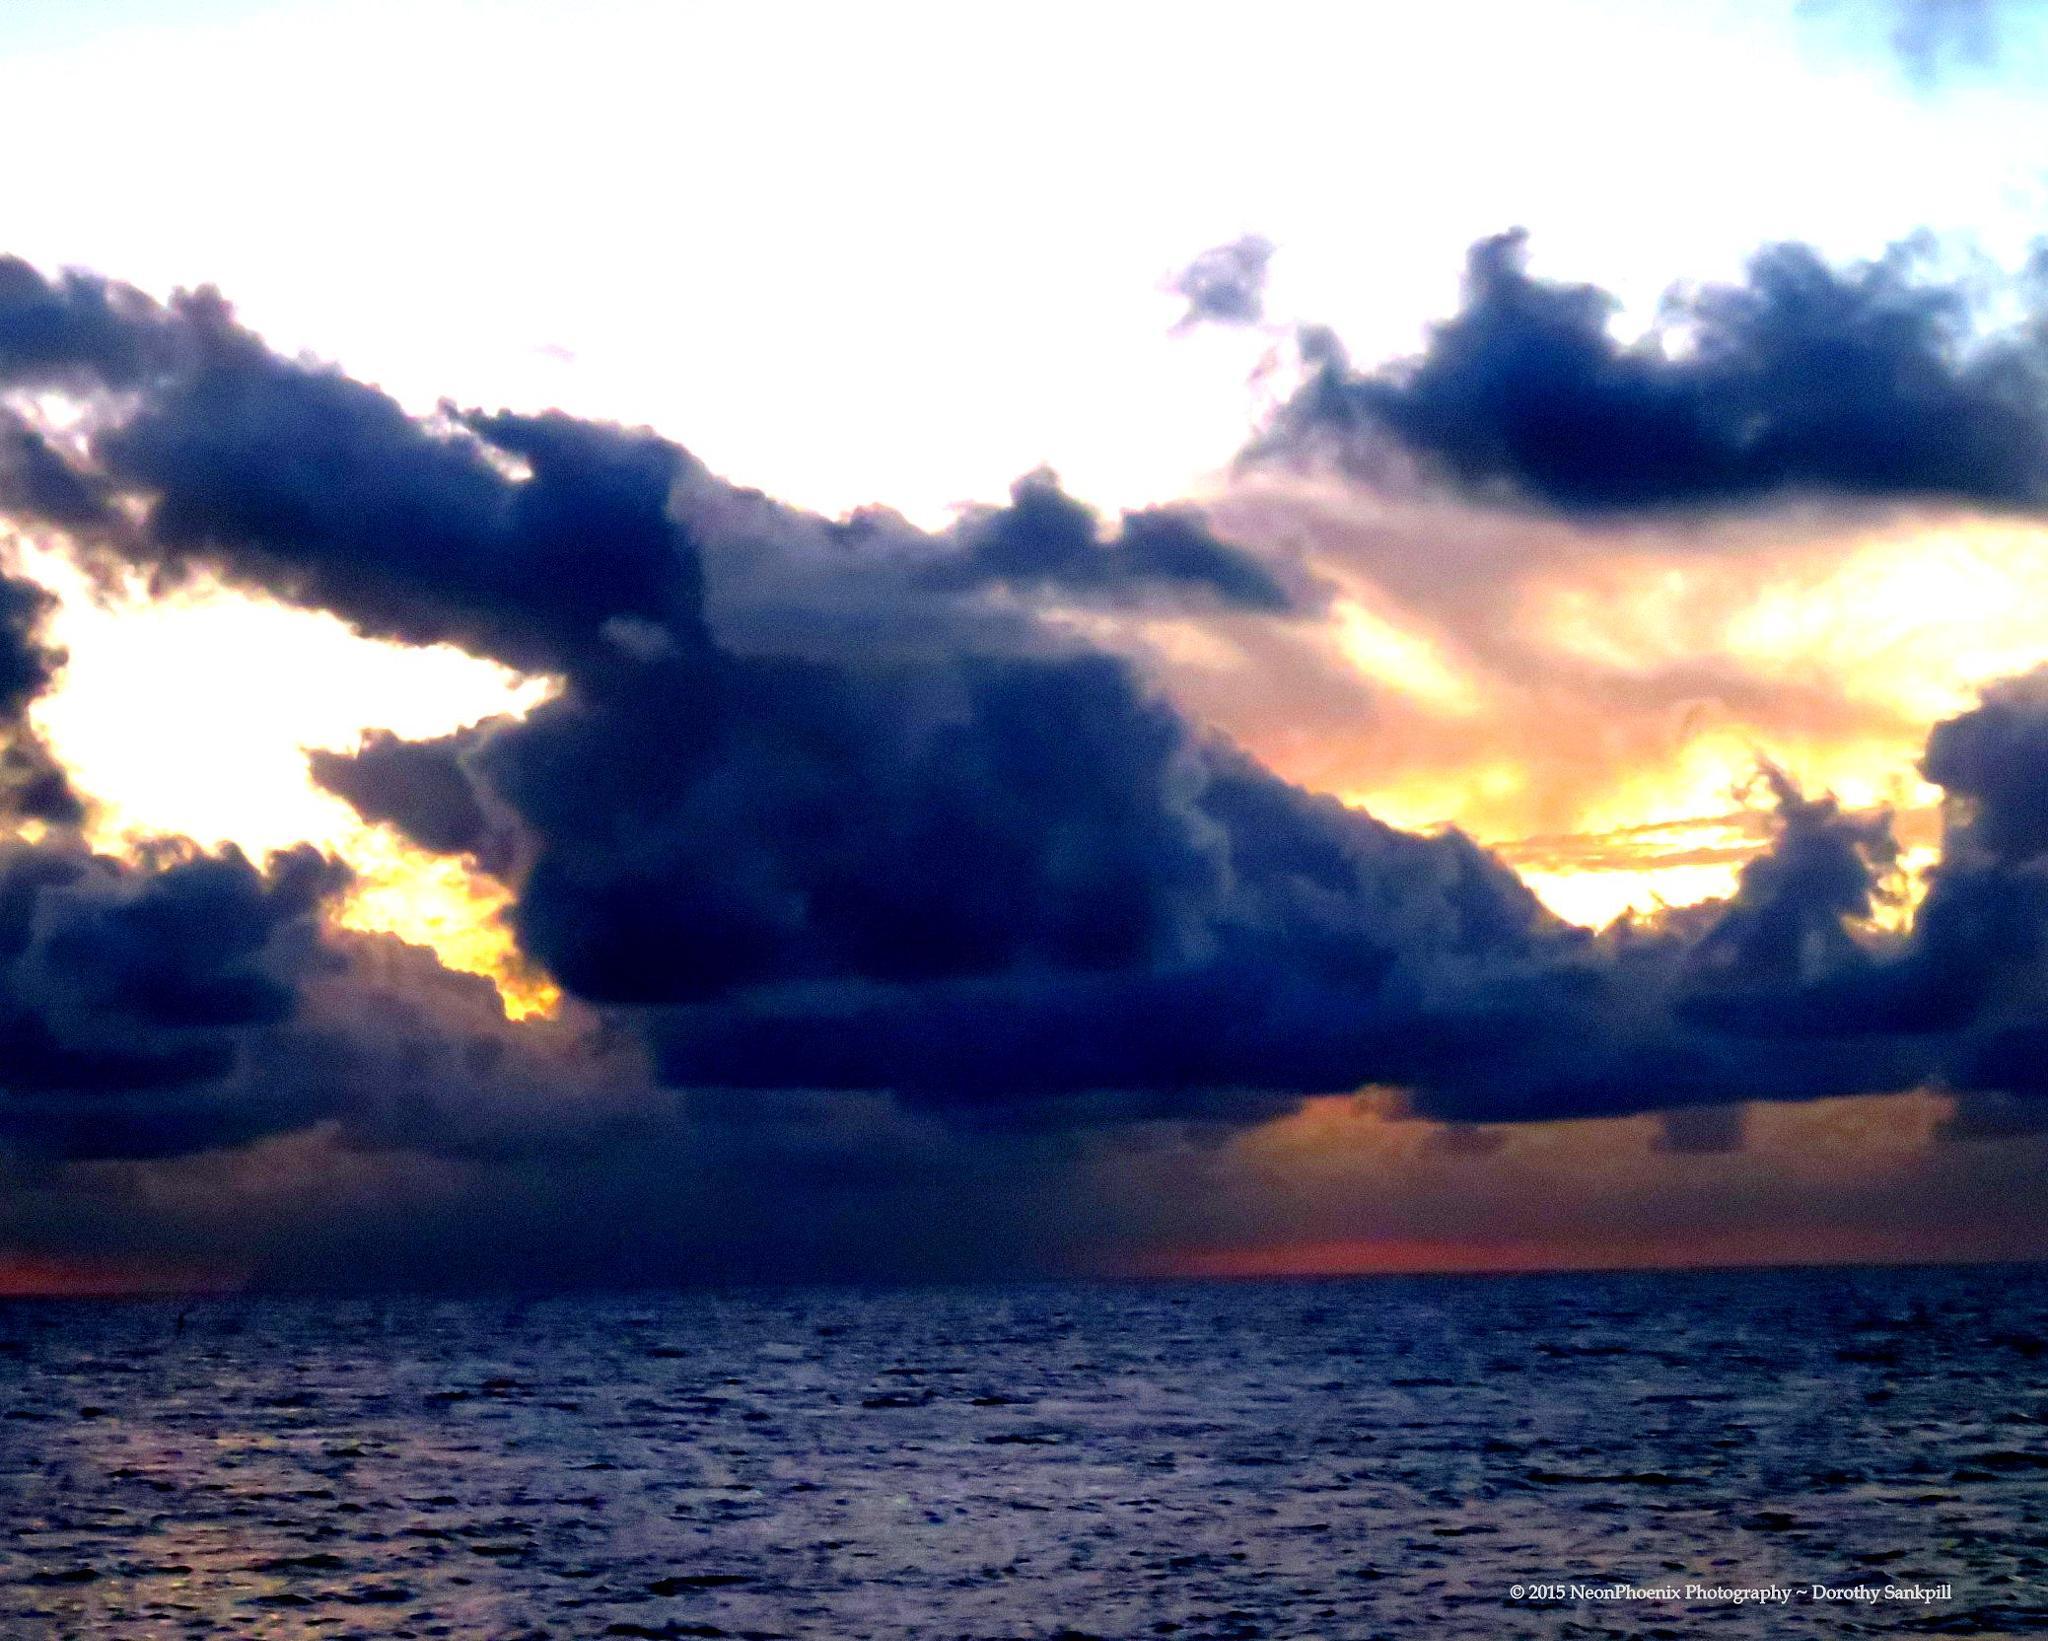 Storm Approaching by NeonPhoenix